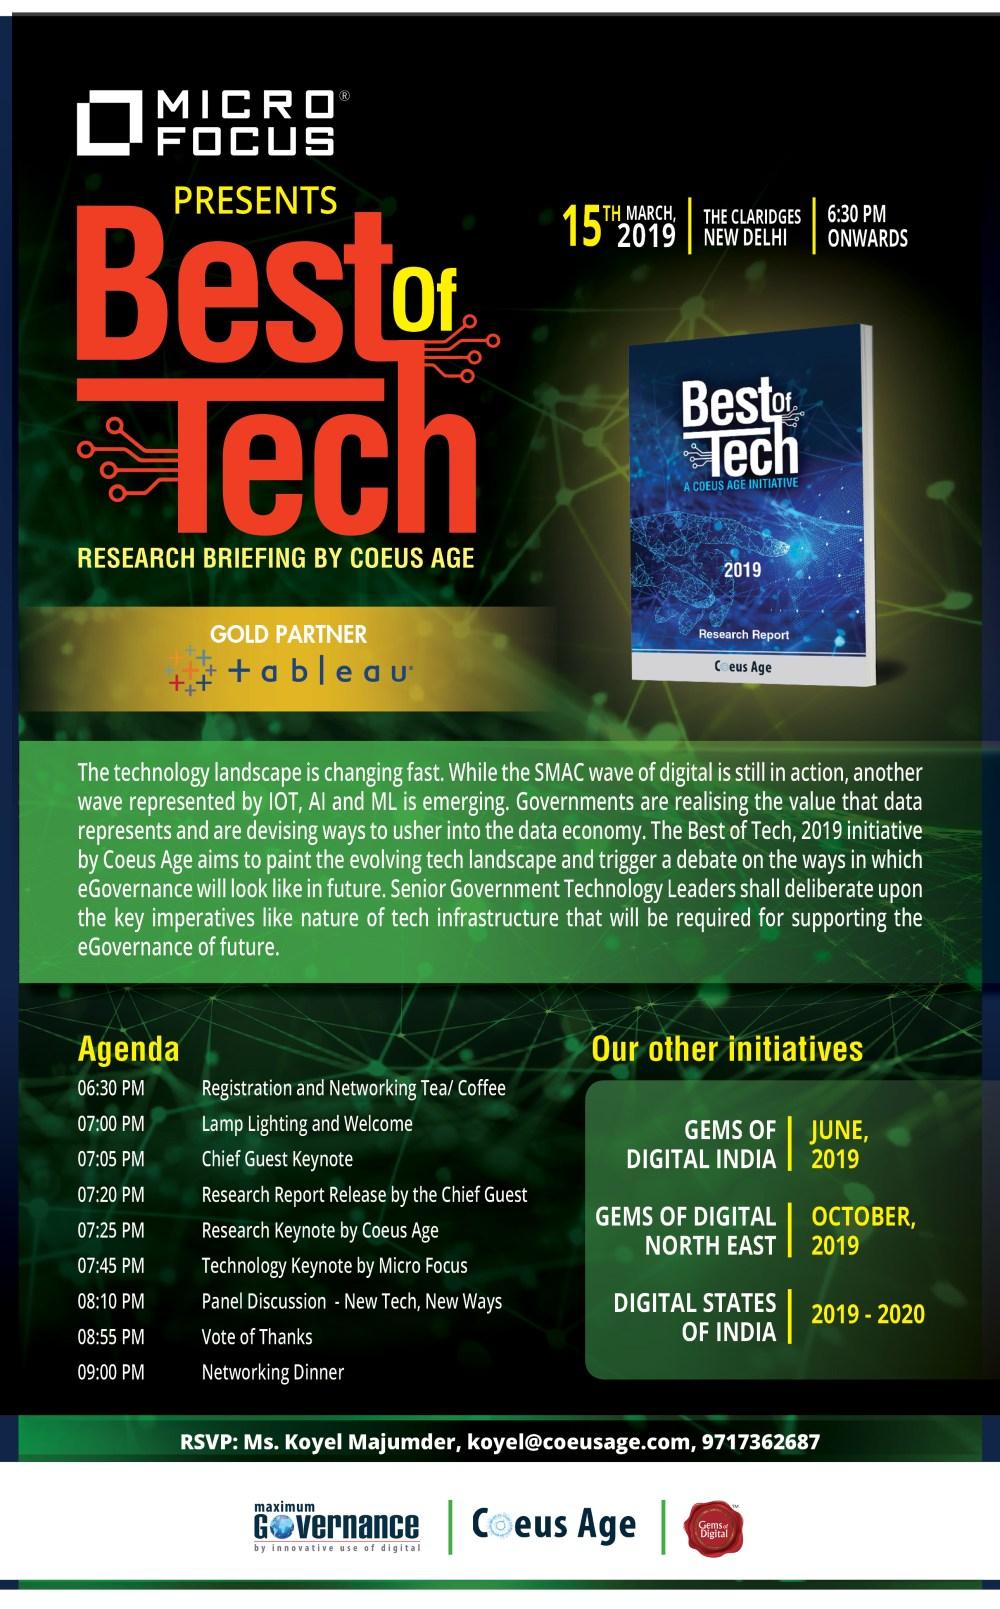 best-of-tech-banner-02-03-19